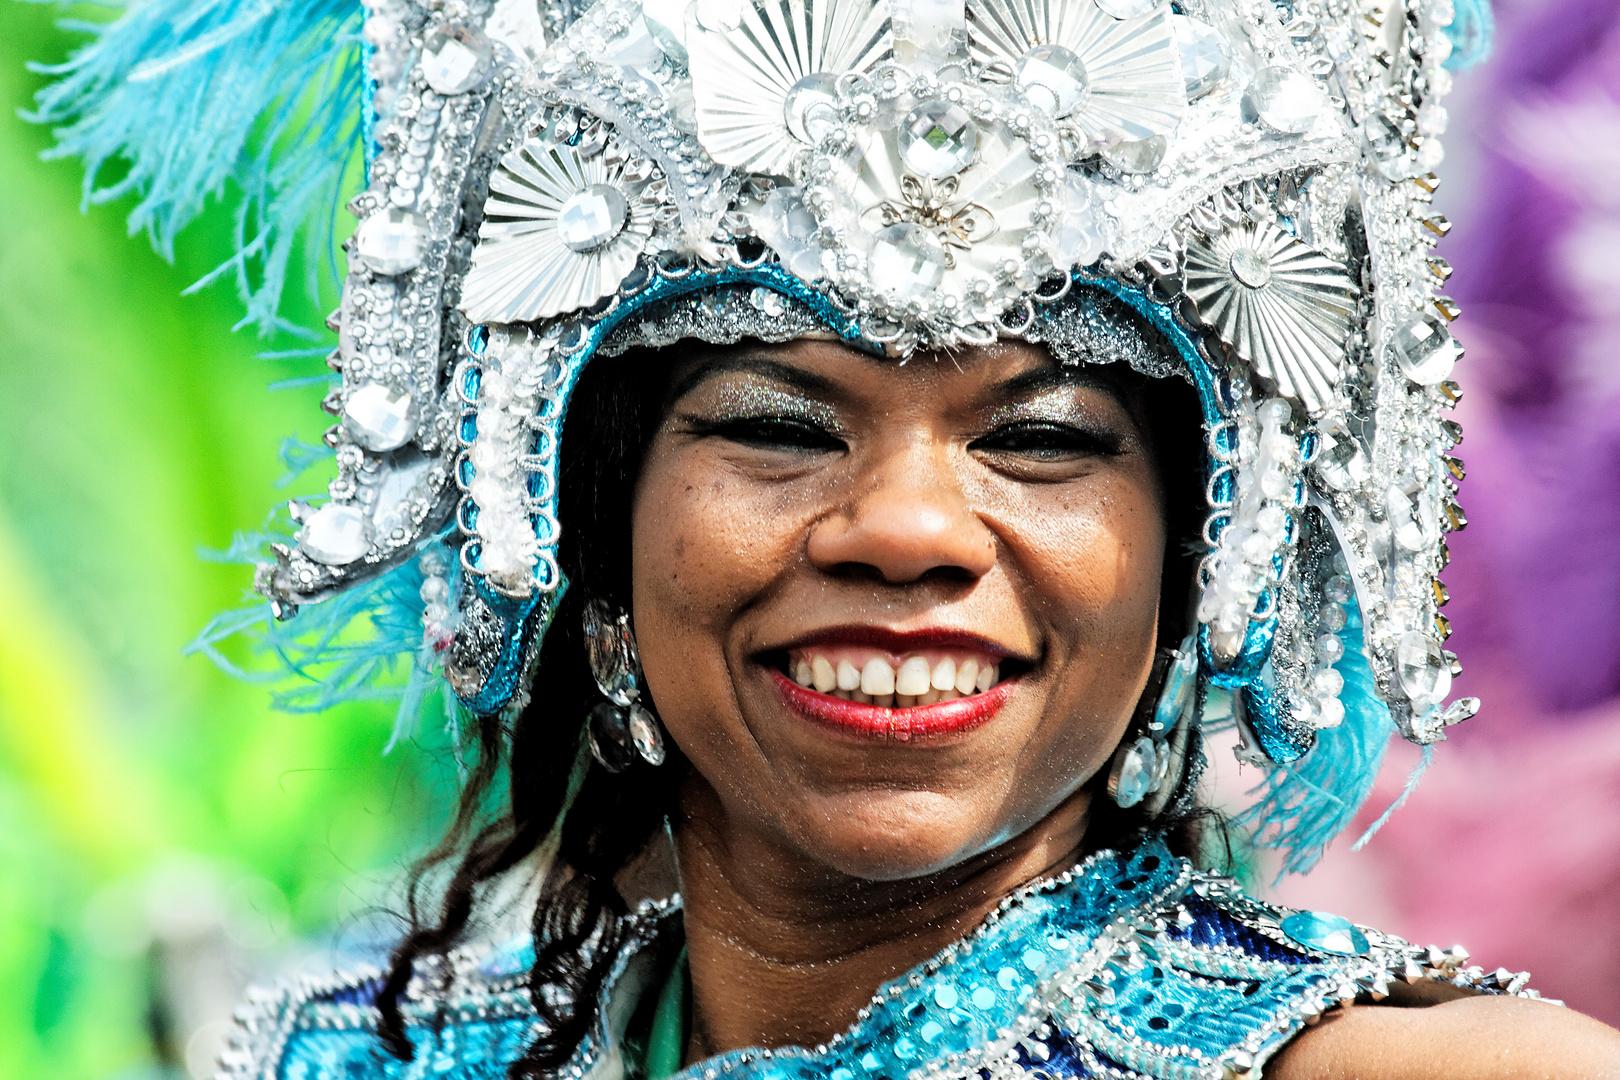 Karneval der Kulturen #11